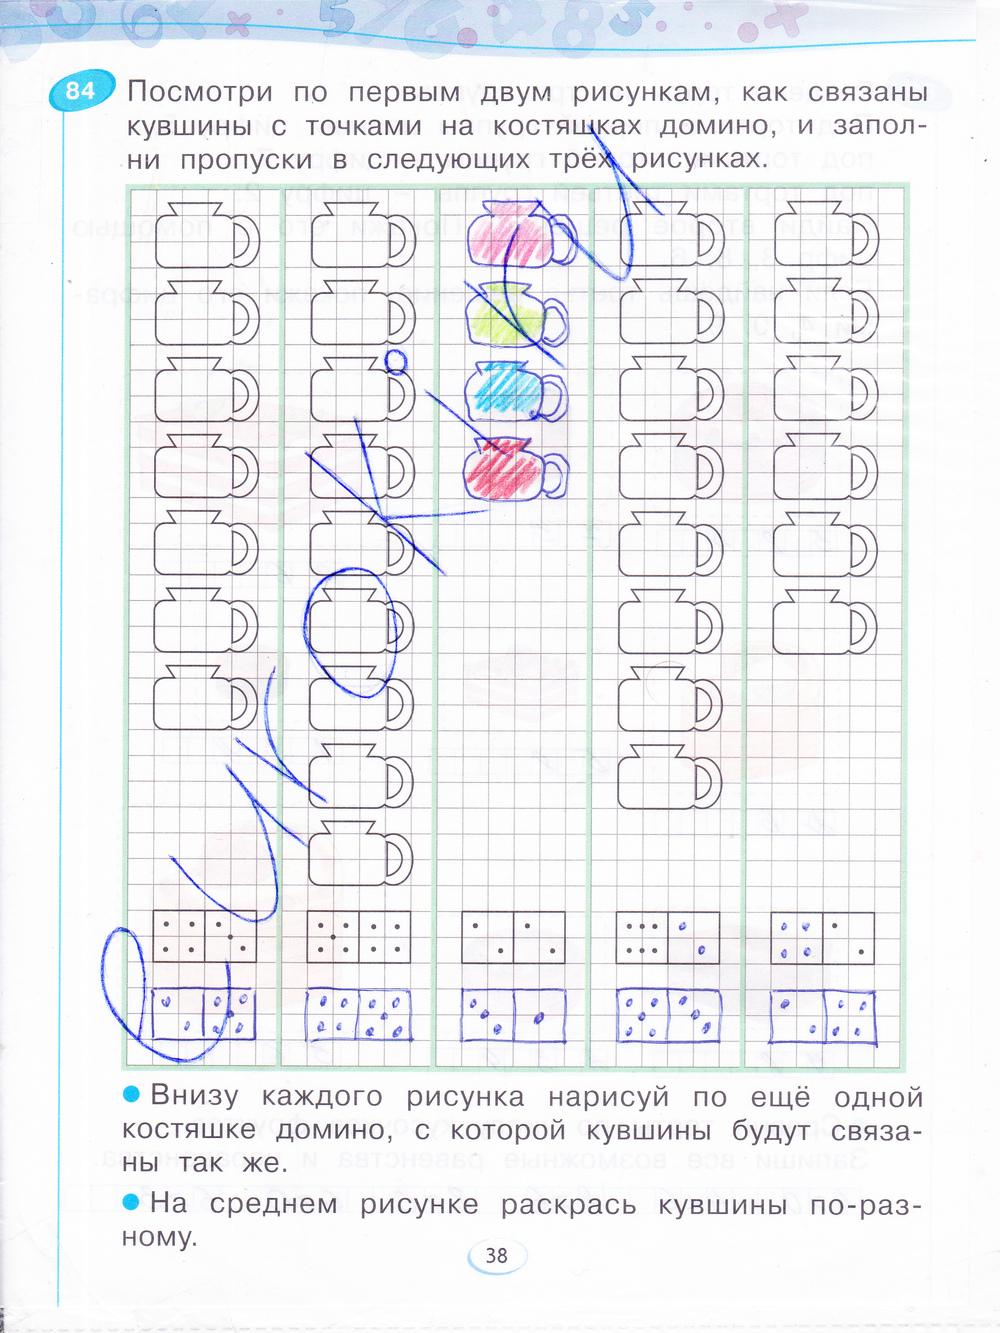 Гдз математика 1 класс 2 часть рабочая